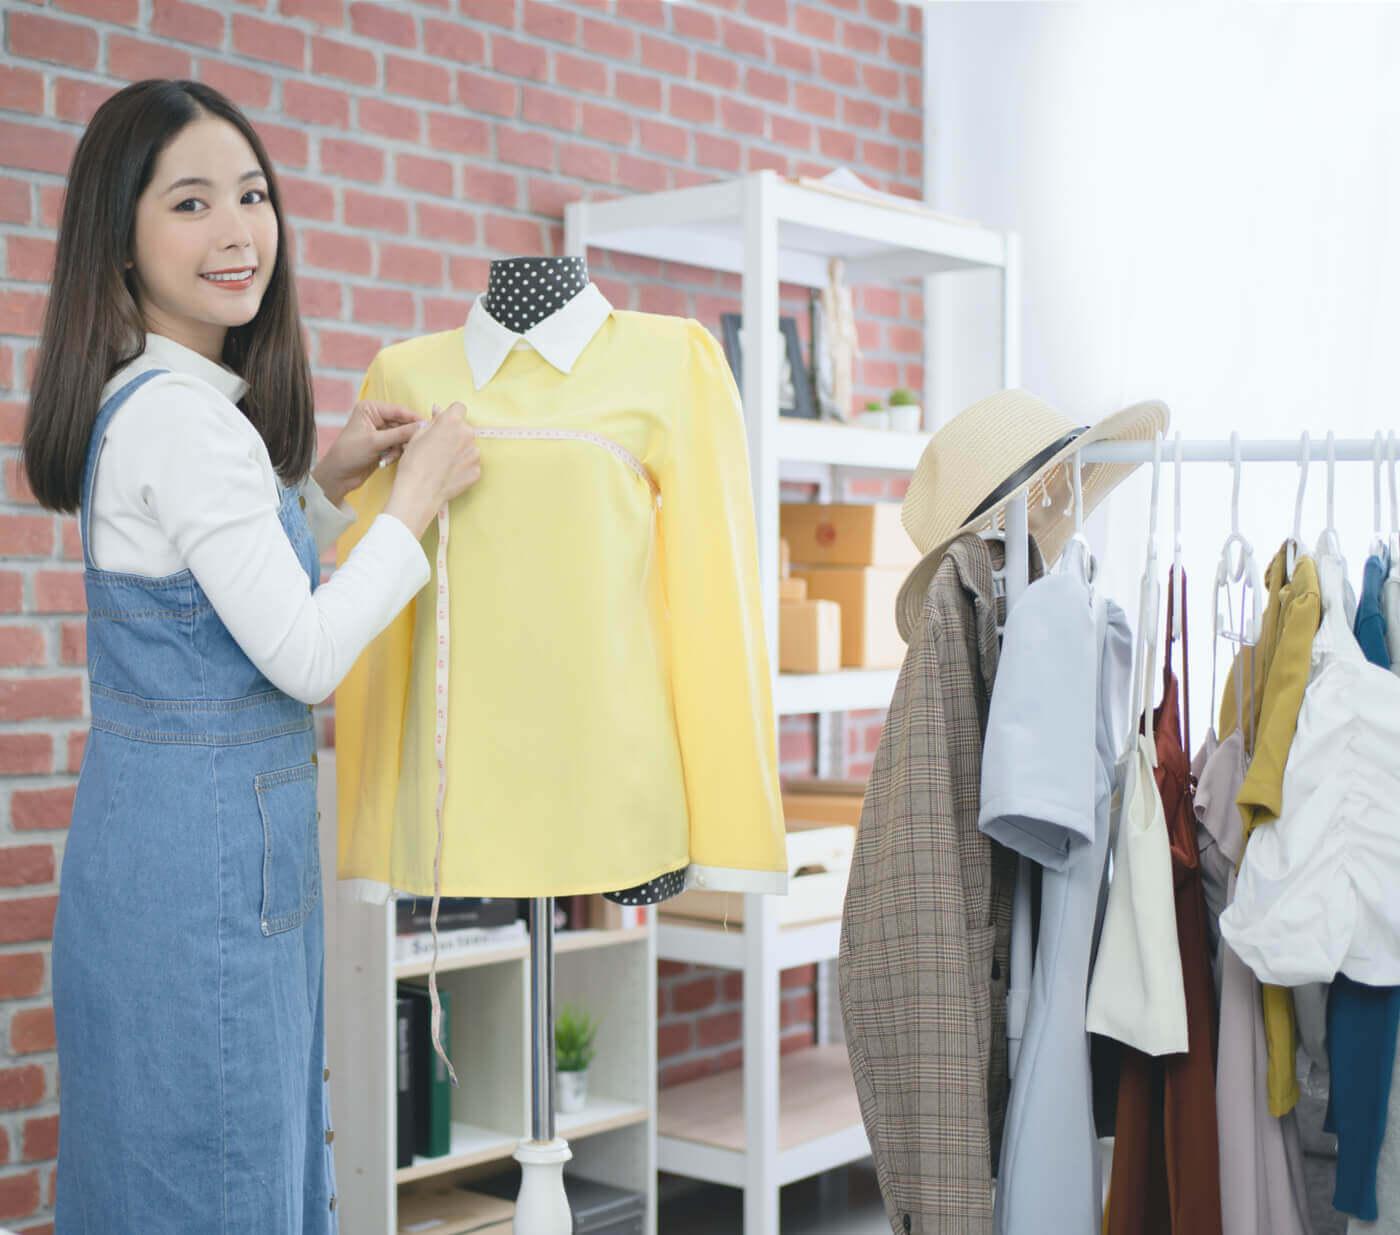 日本での就業経験3年以上の人材(未経験可求人)